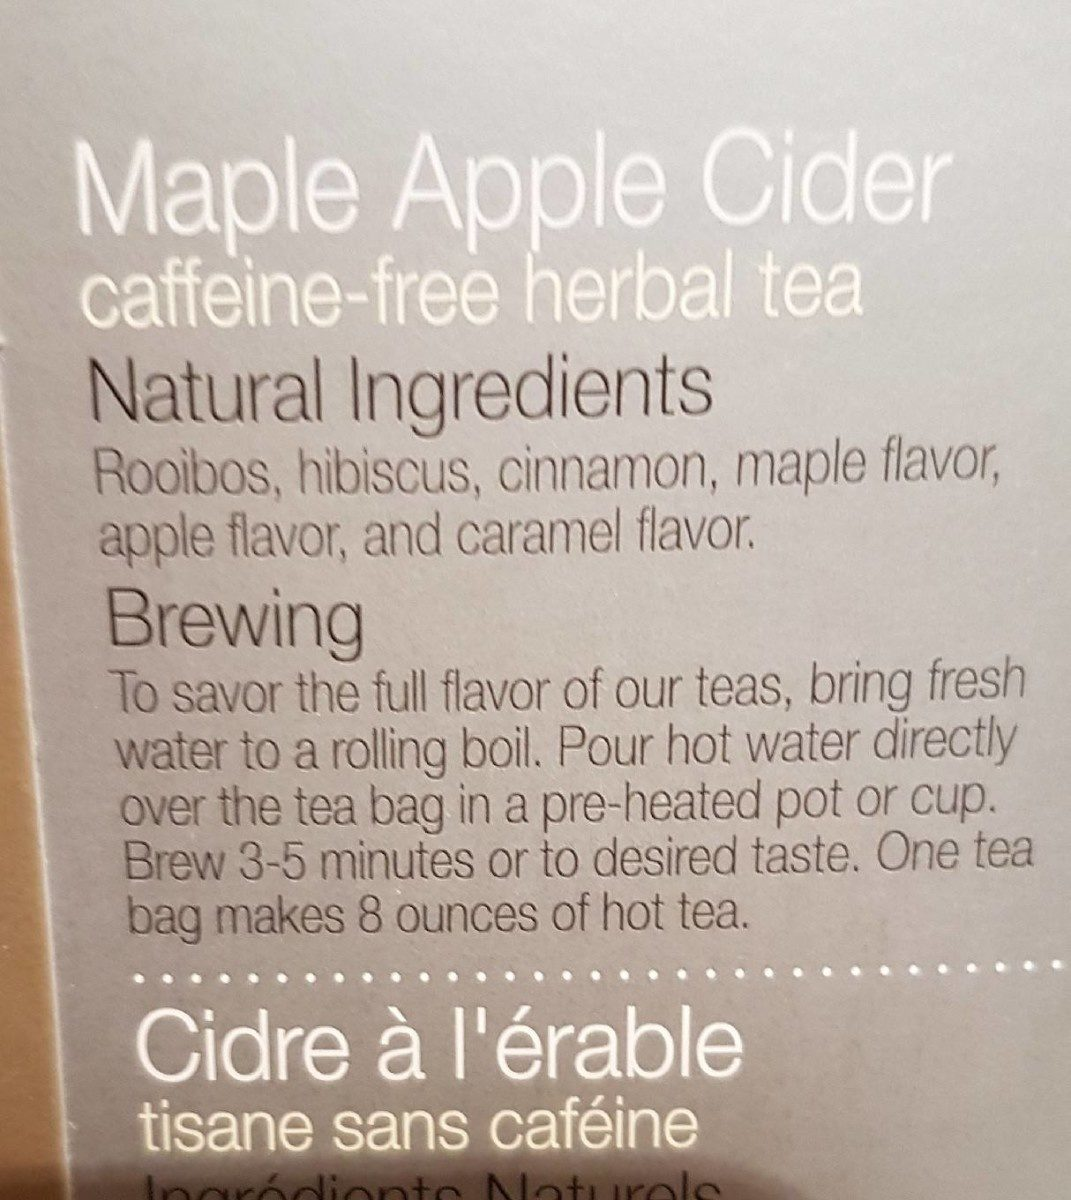 Cidre à l'érable tisane - Ingredients